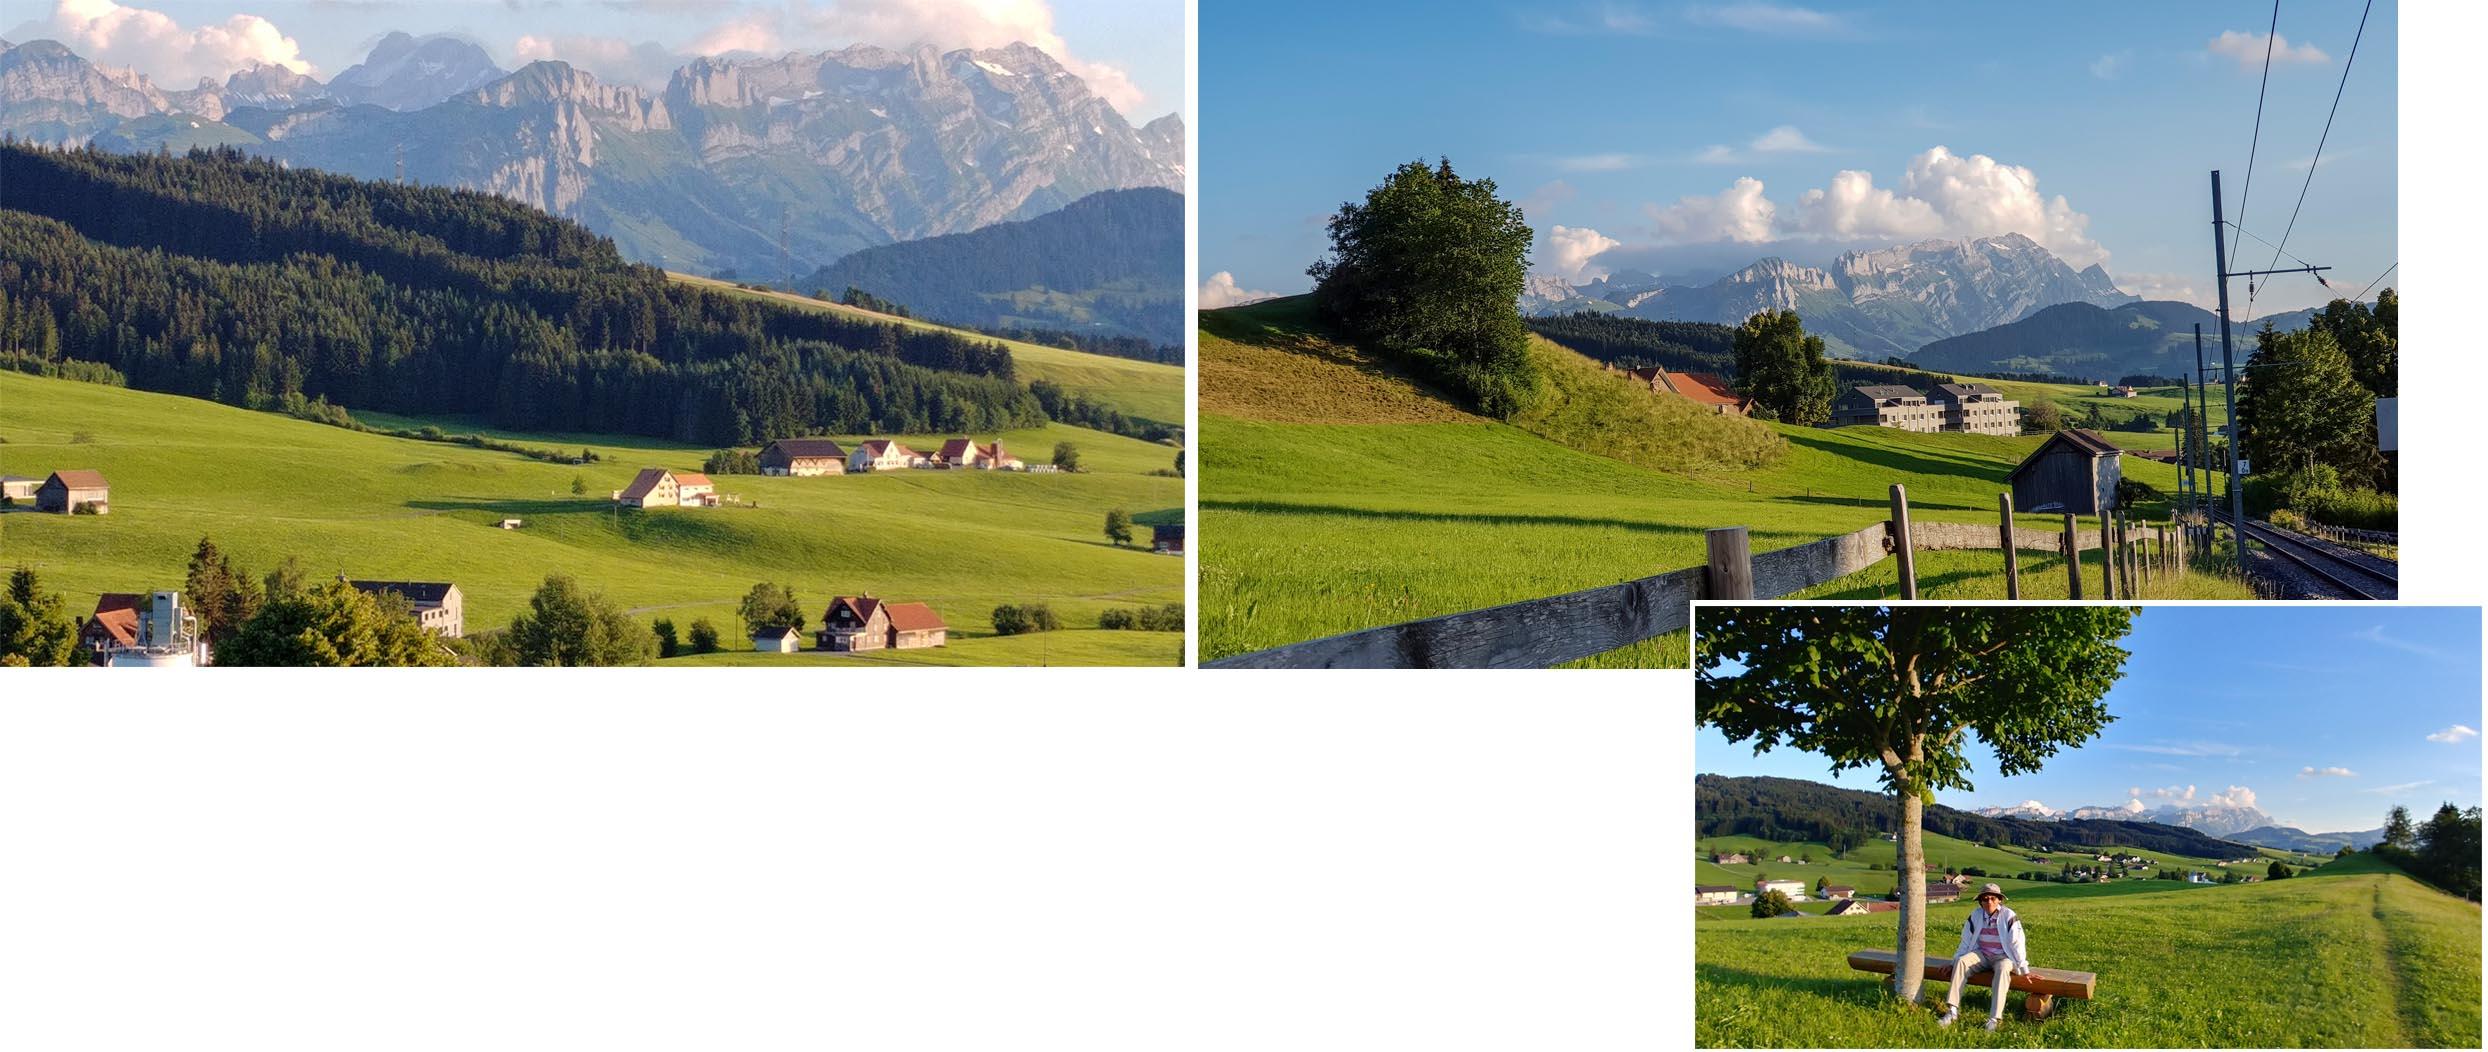 Gais farmland